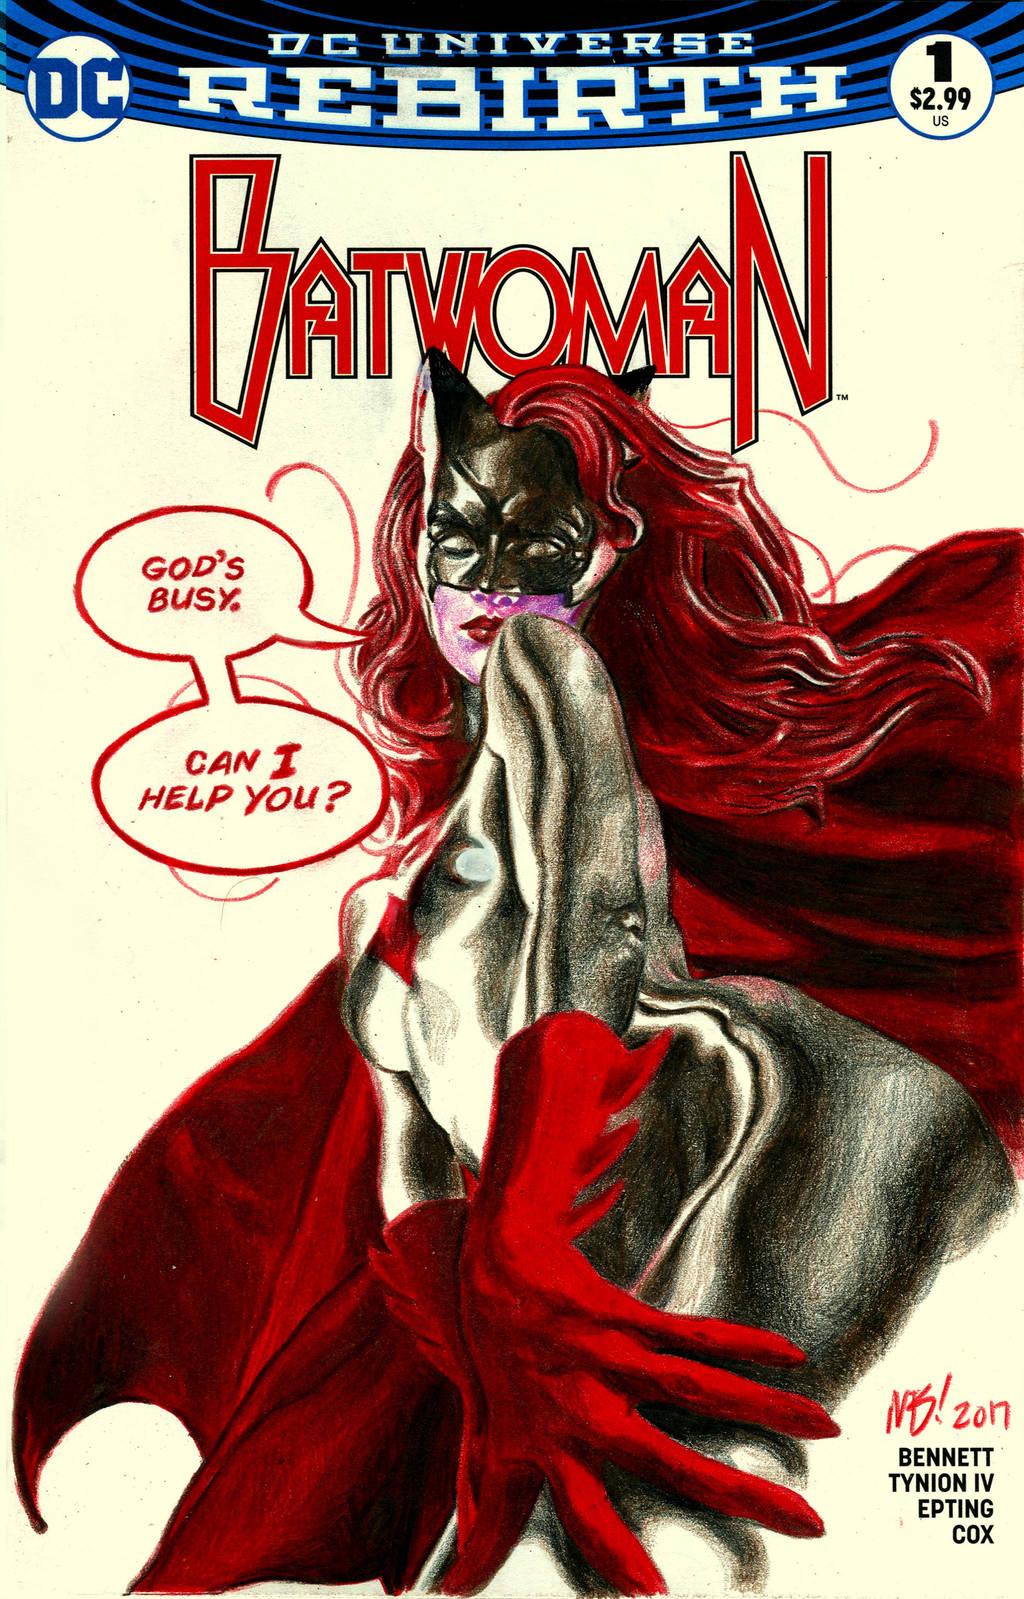 Batwoman #1 by redghostman